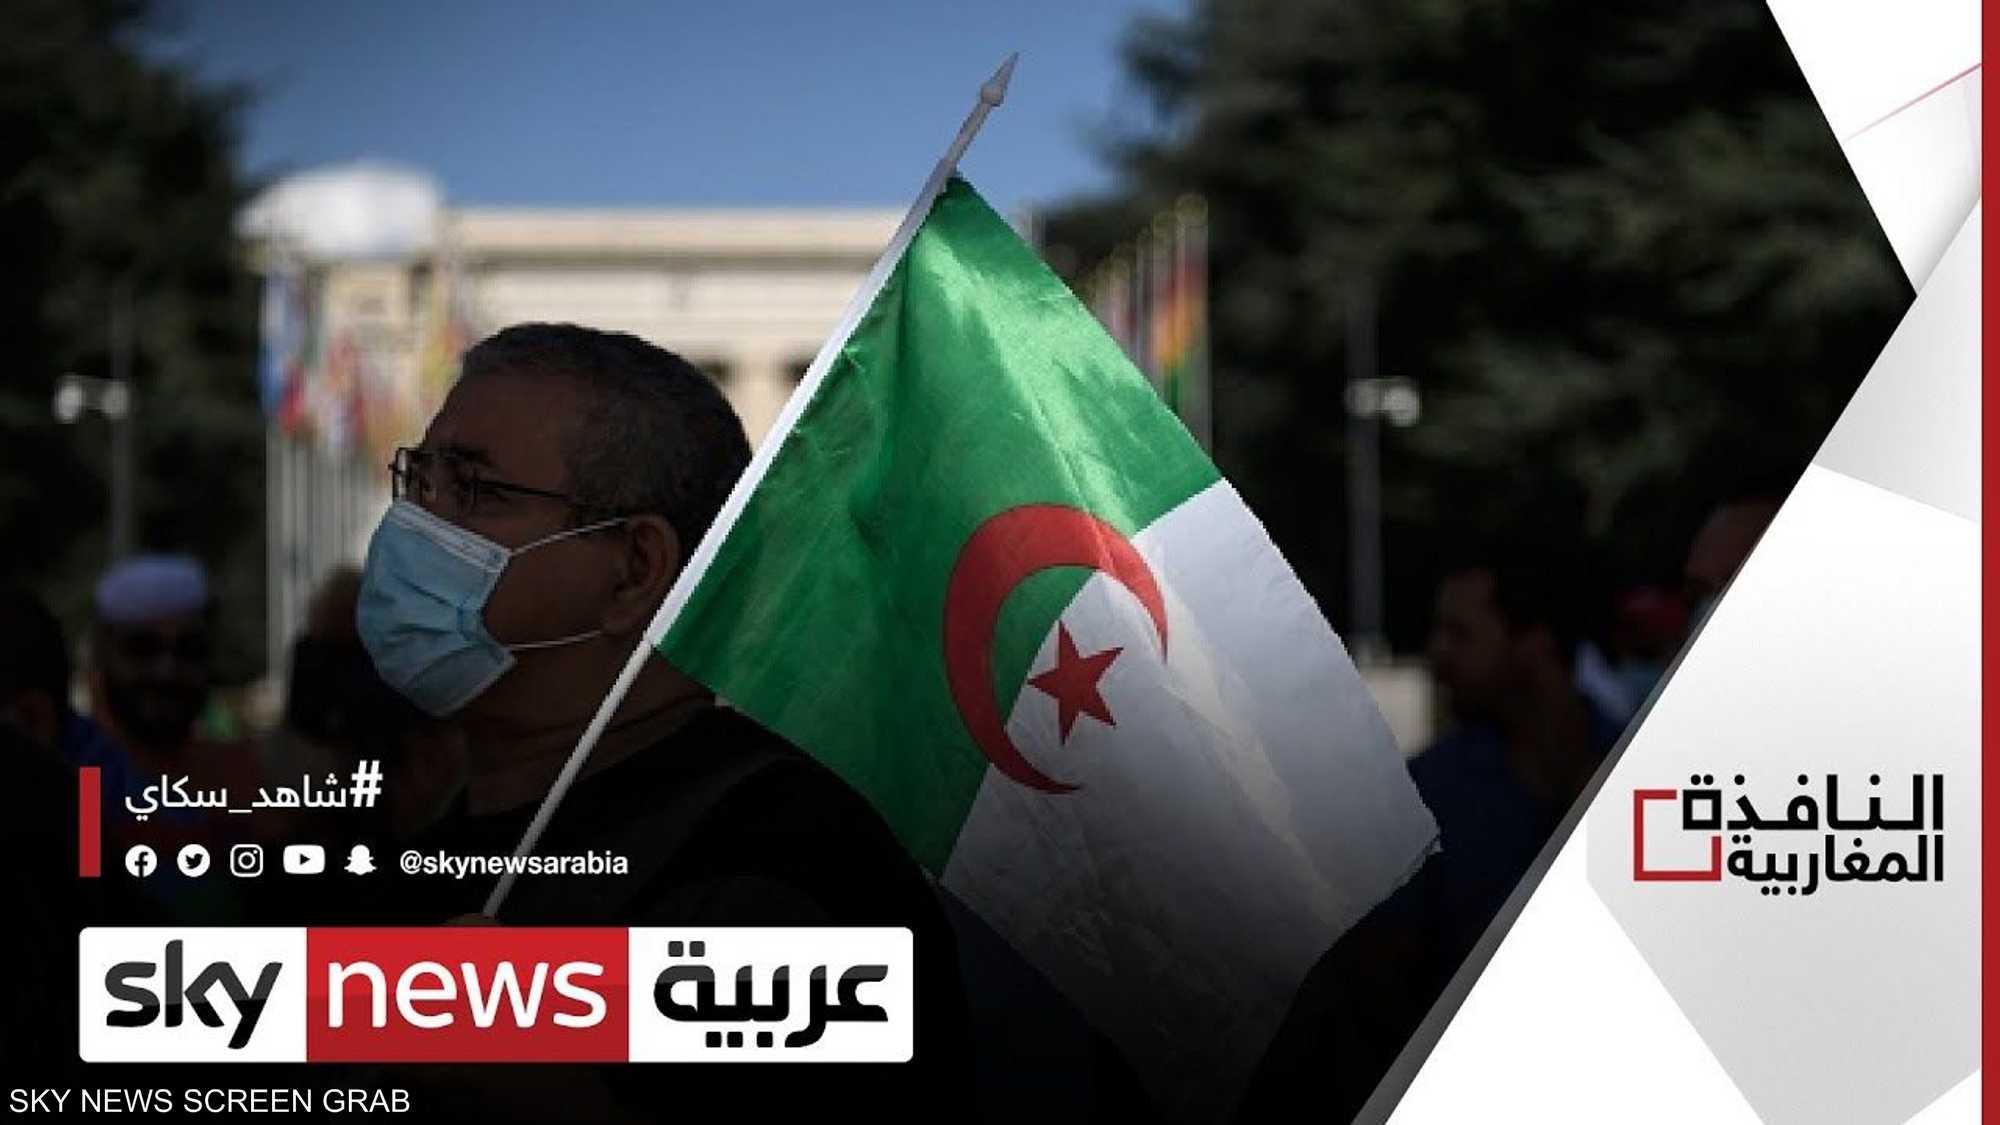 الجزائر.. صمت قبل الاستفتاء الدستوري